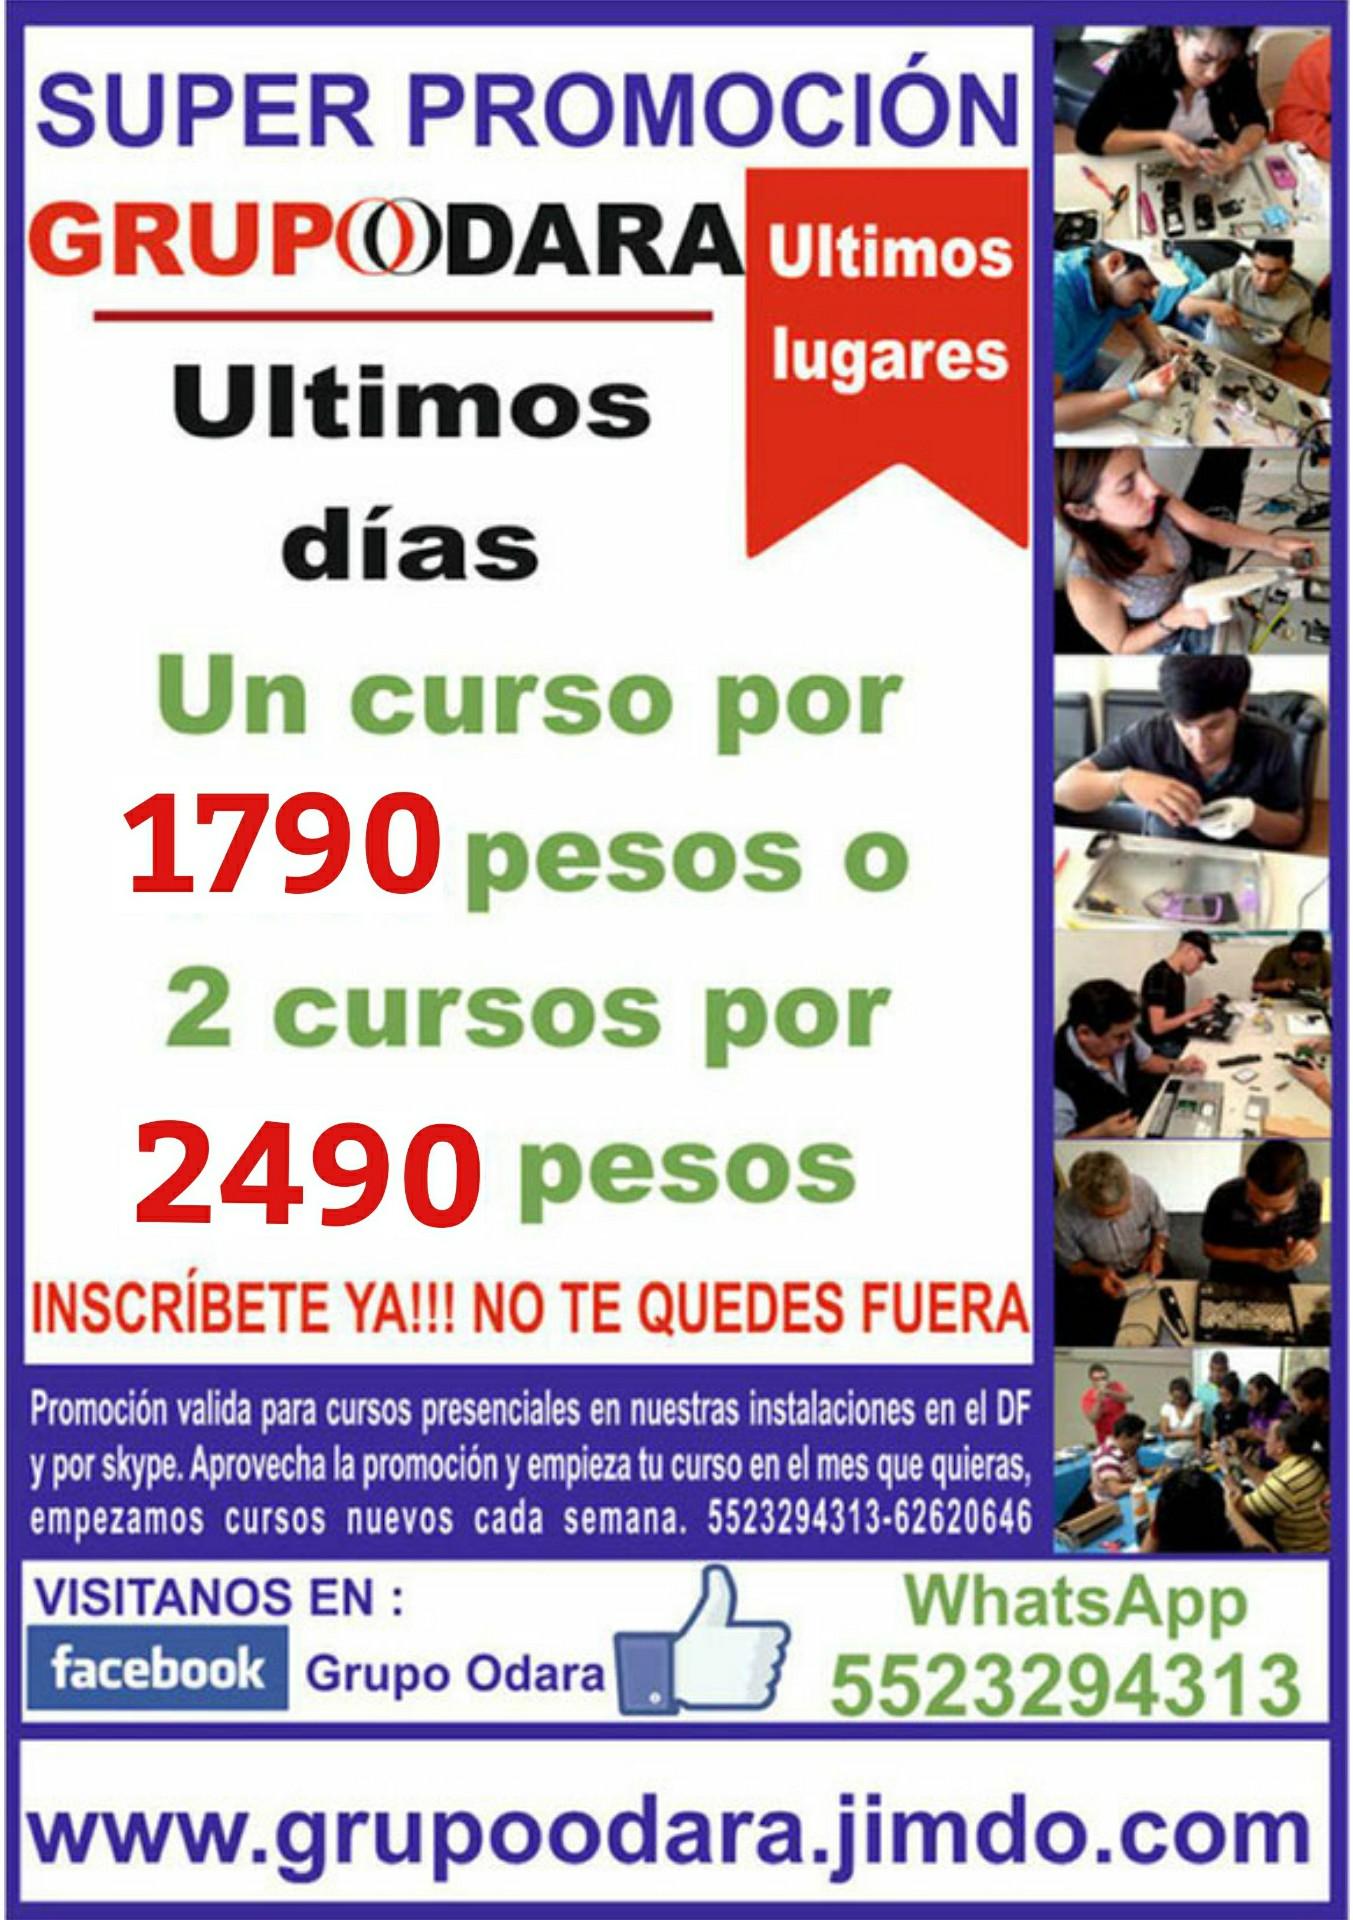 INSCRIBETE AL CURSO DE REPARACION DE CELULARES, TABLETS Y